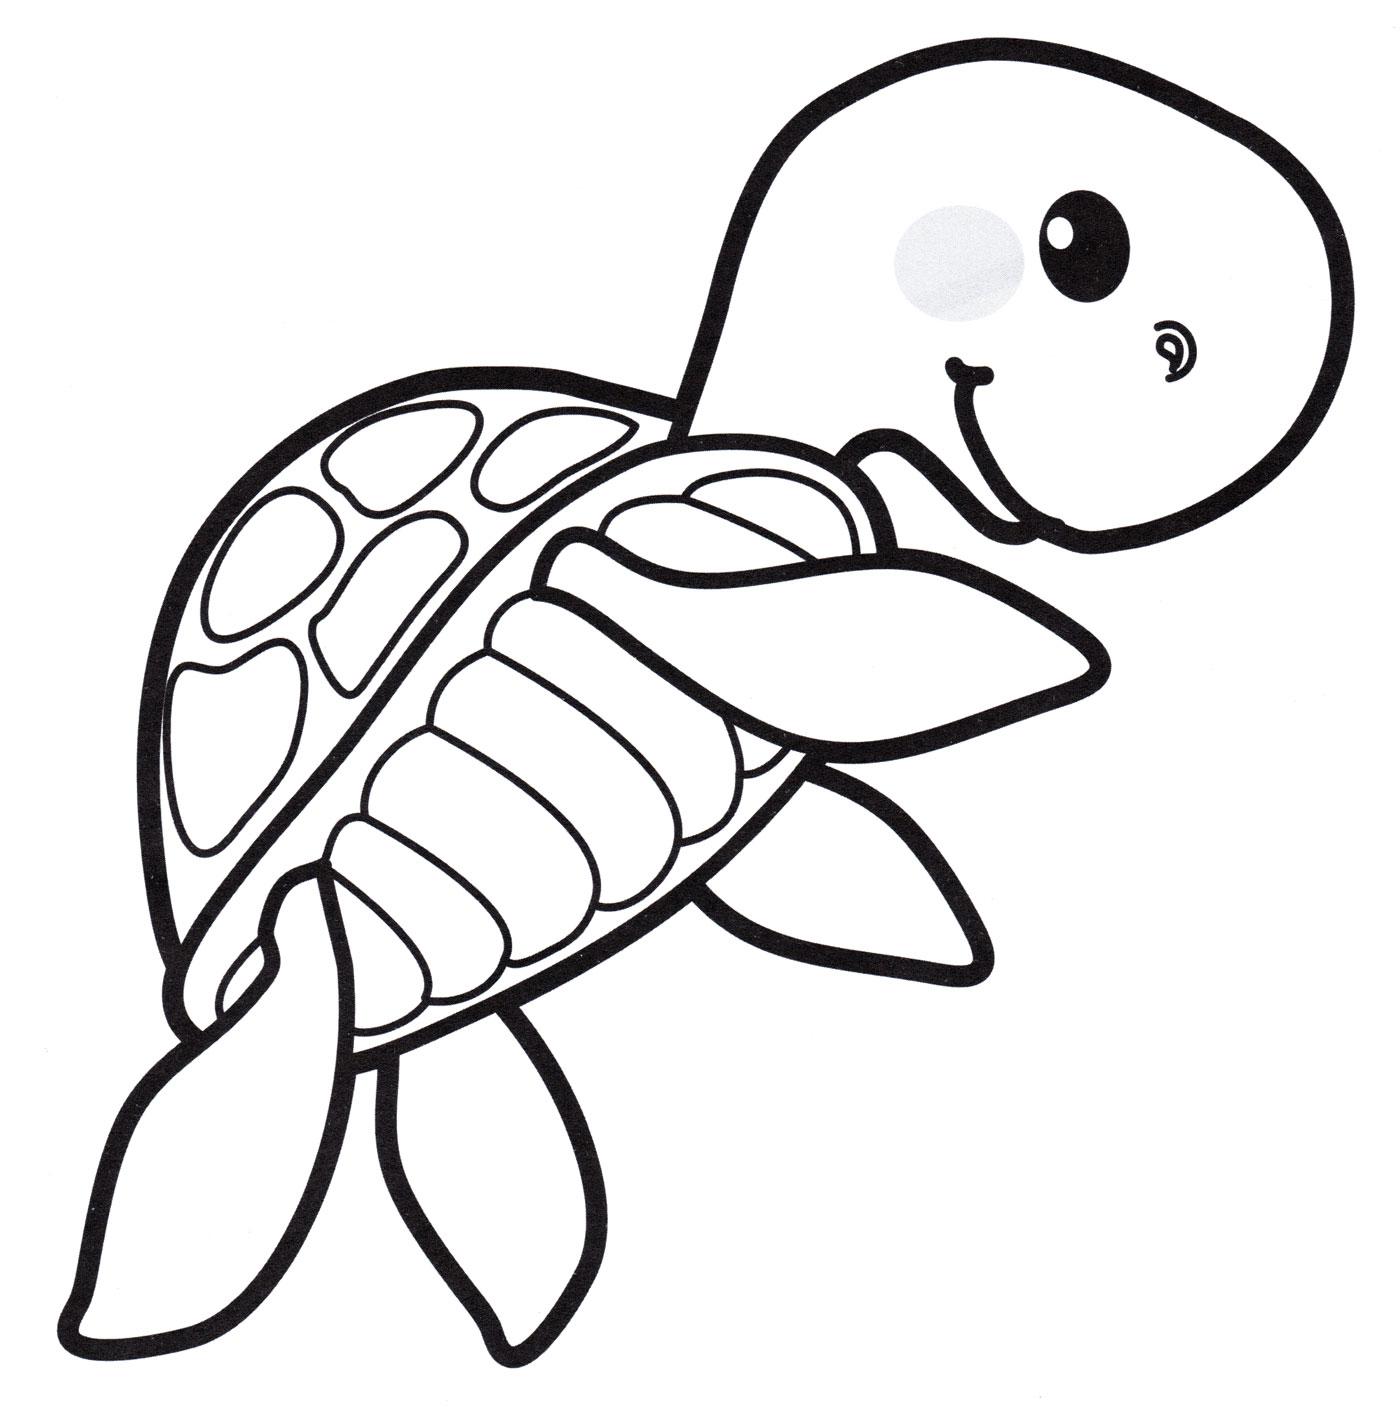 Раскраска Маленькая морская черепаха - распечатать бесплатно